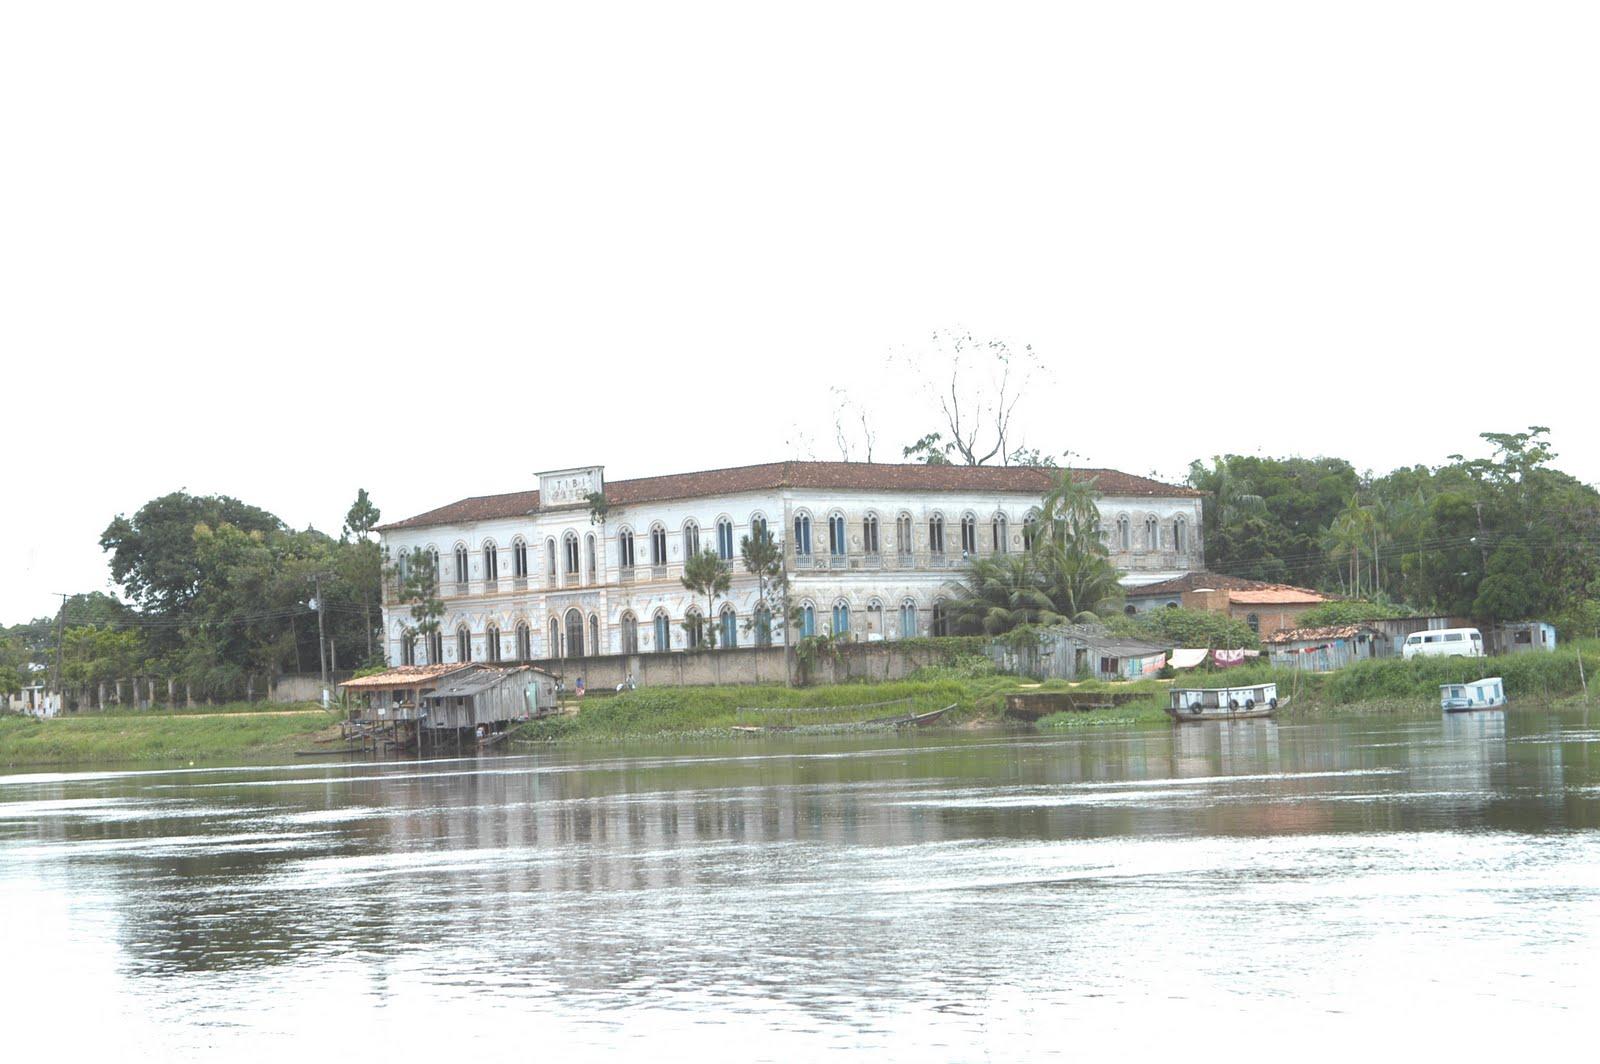 São Miguel do Guamá Pará fonte: 59art.ru